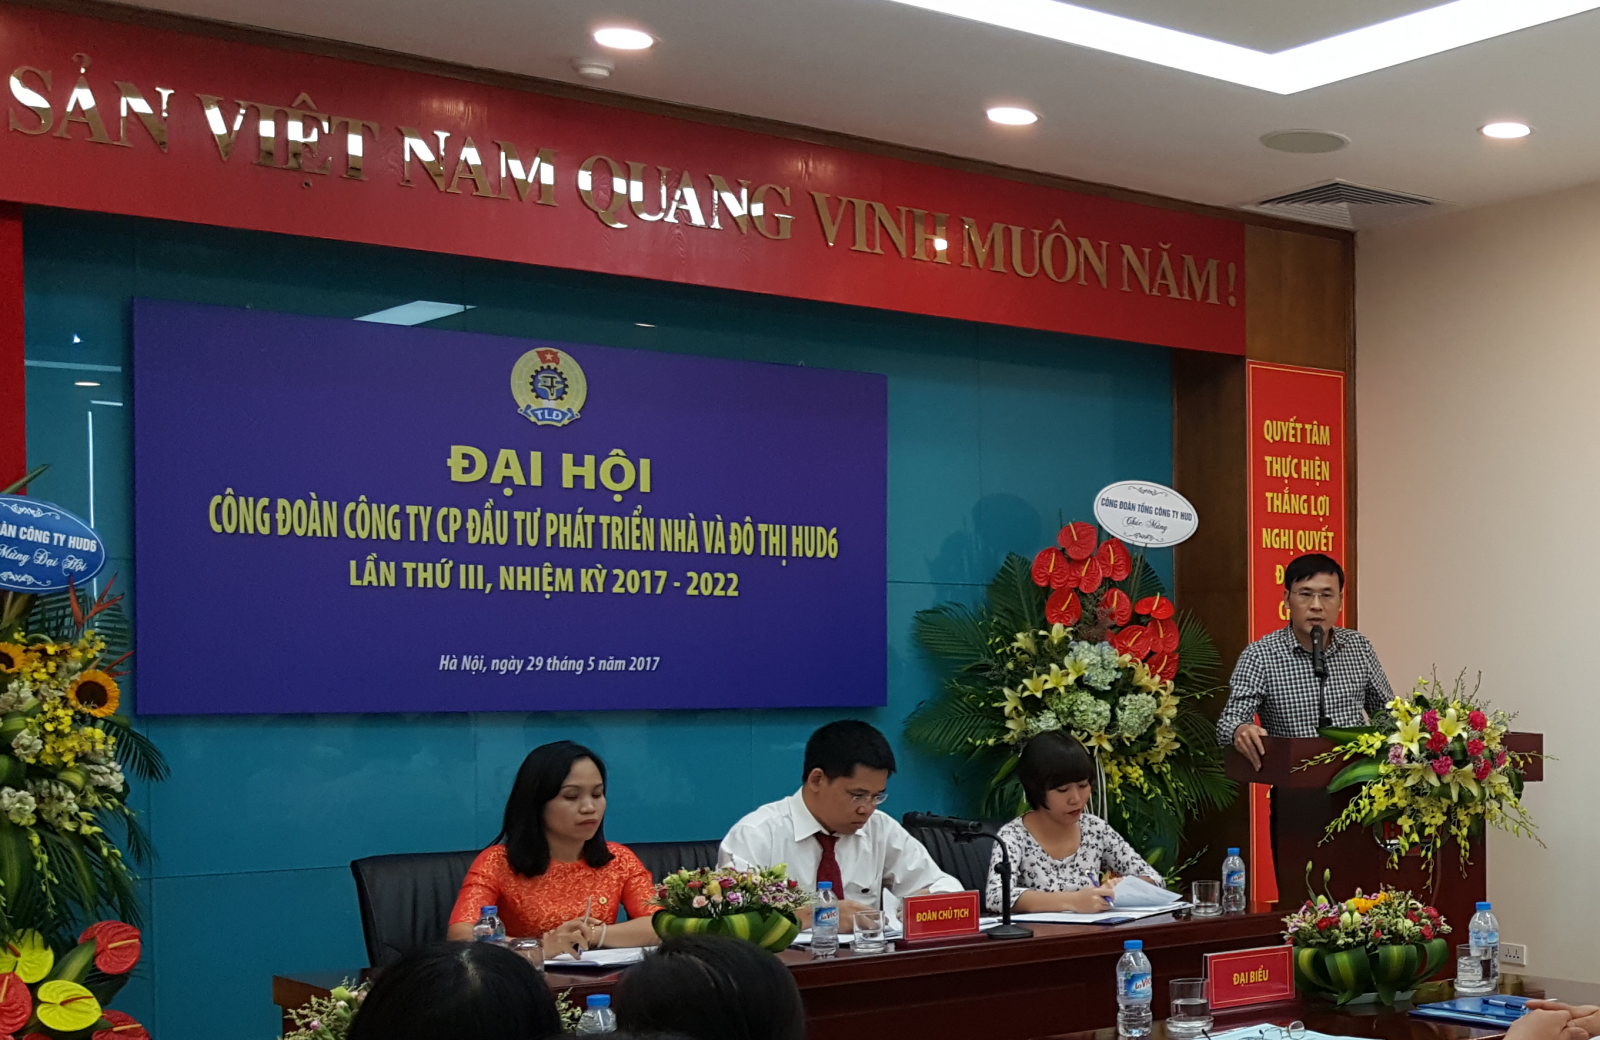 Đại hội công đoàn công ty HUD6 lần thứ III, nhiệm kỳ 2017-2022